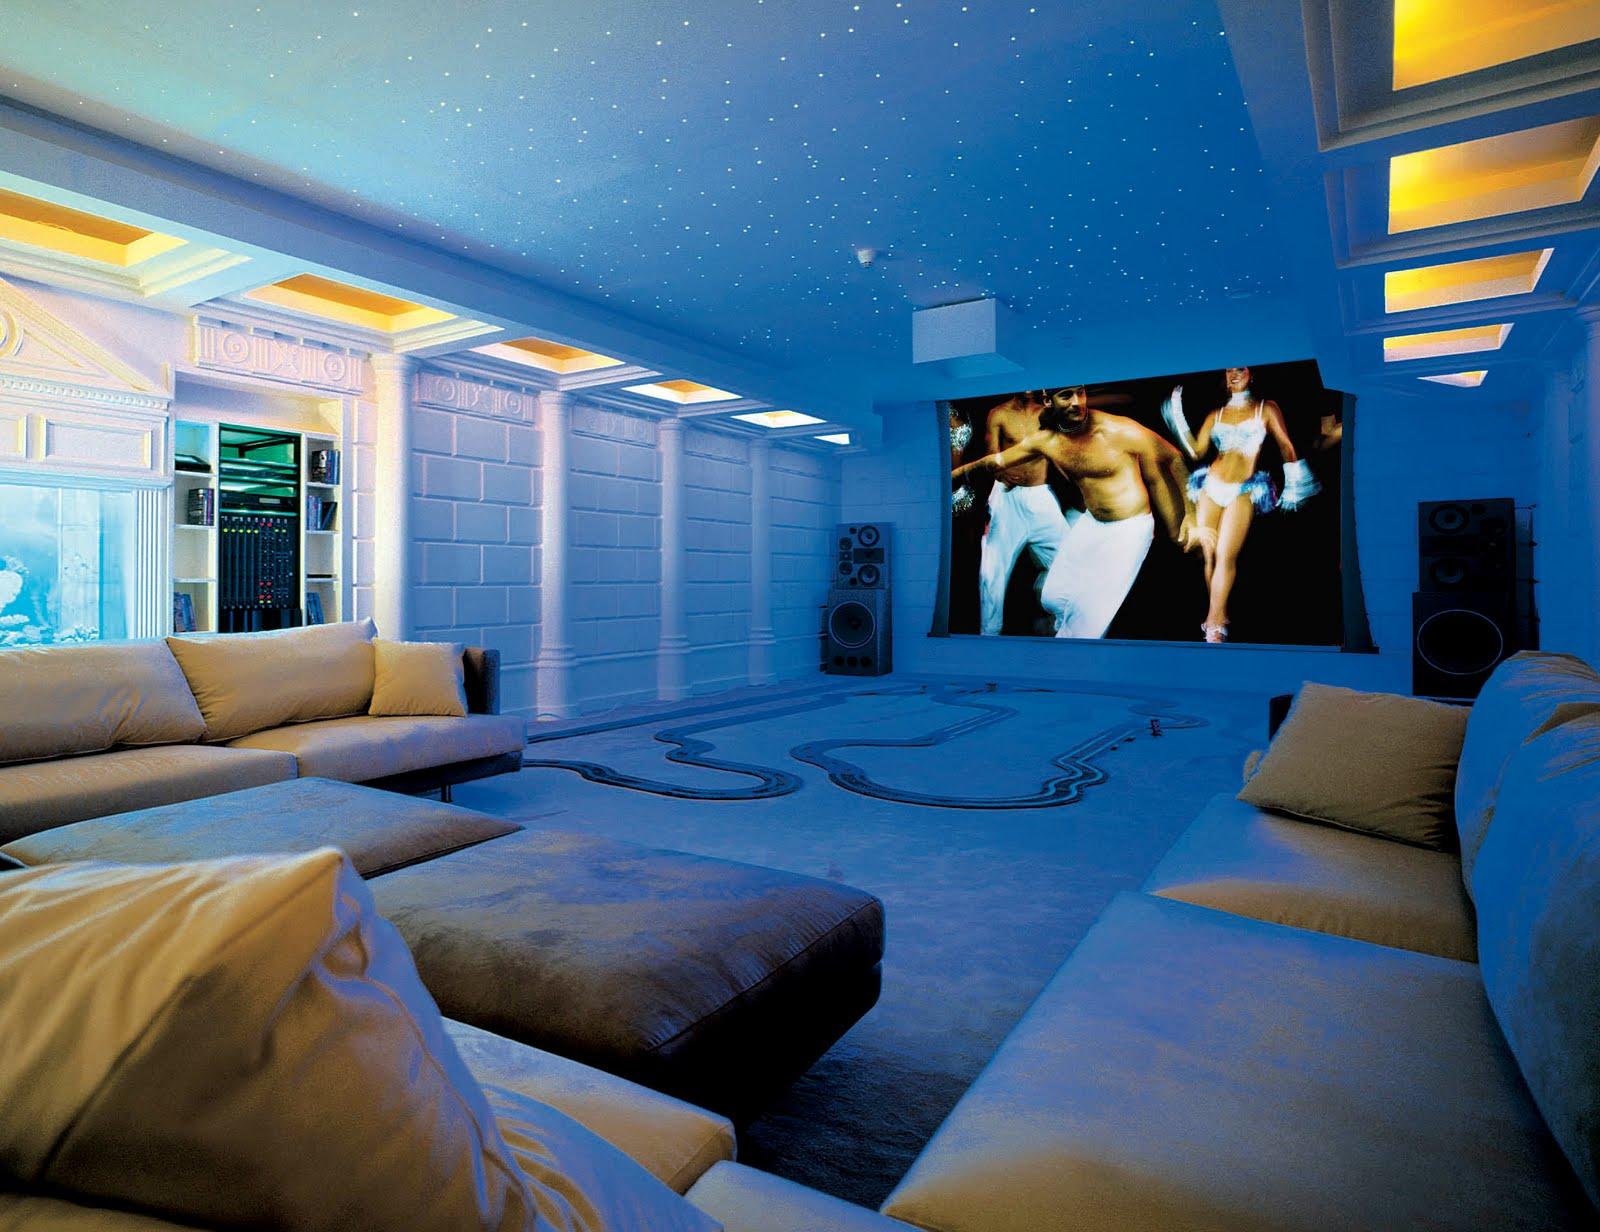 Cómo tener un cine en casa